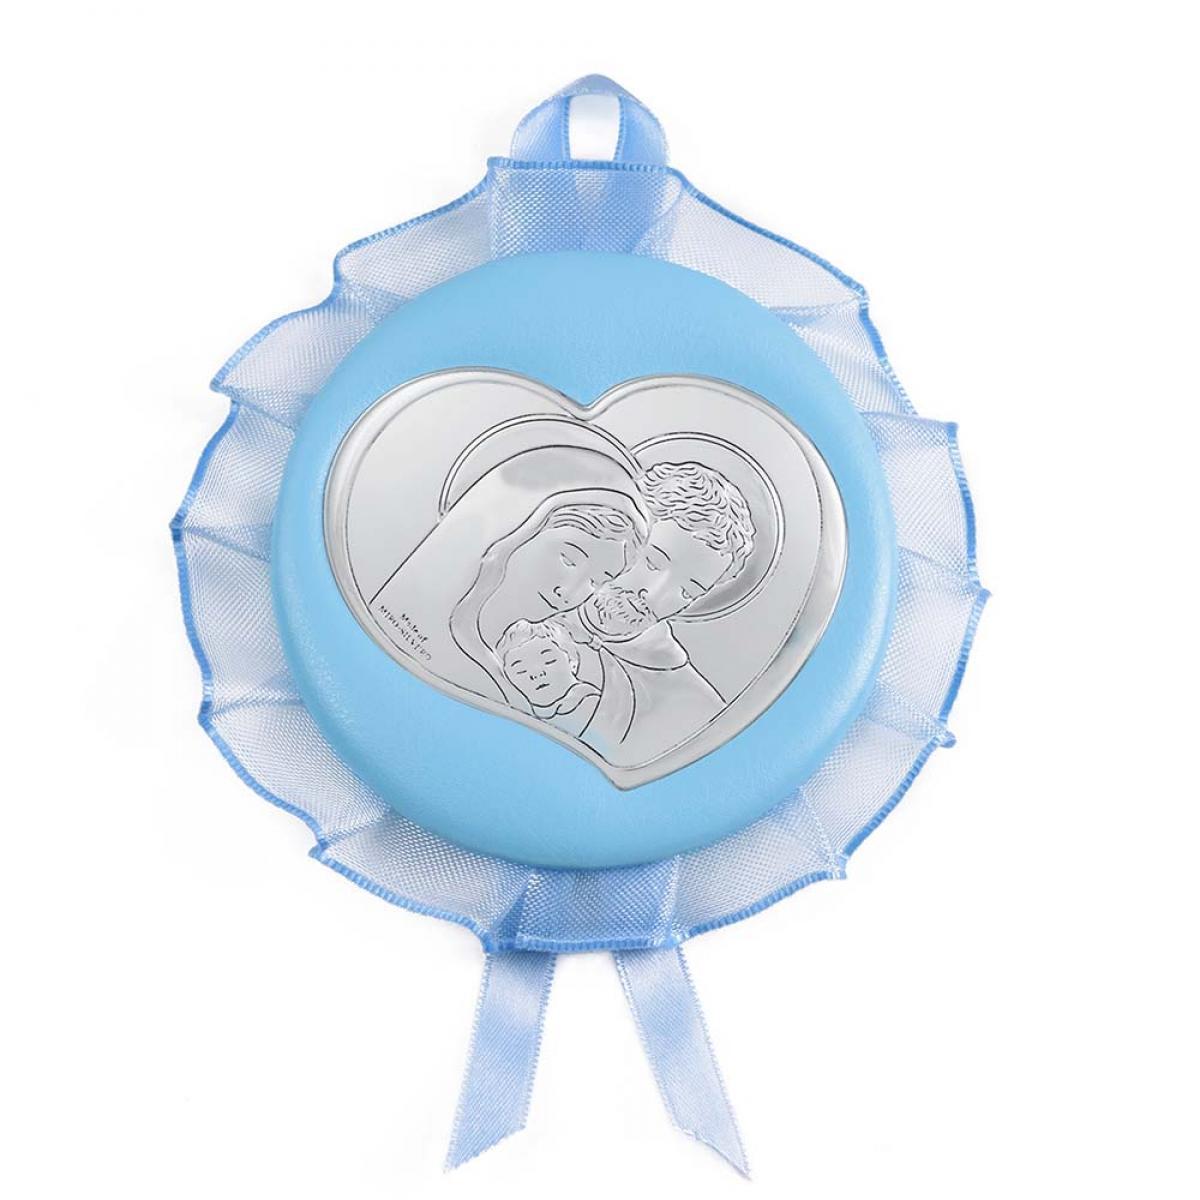 Ікона срібна дитяча ``Свята Родина`` Ø 9 см 10510 C